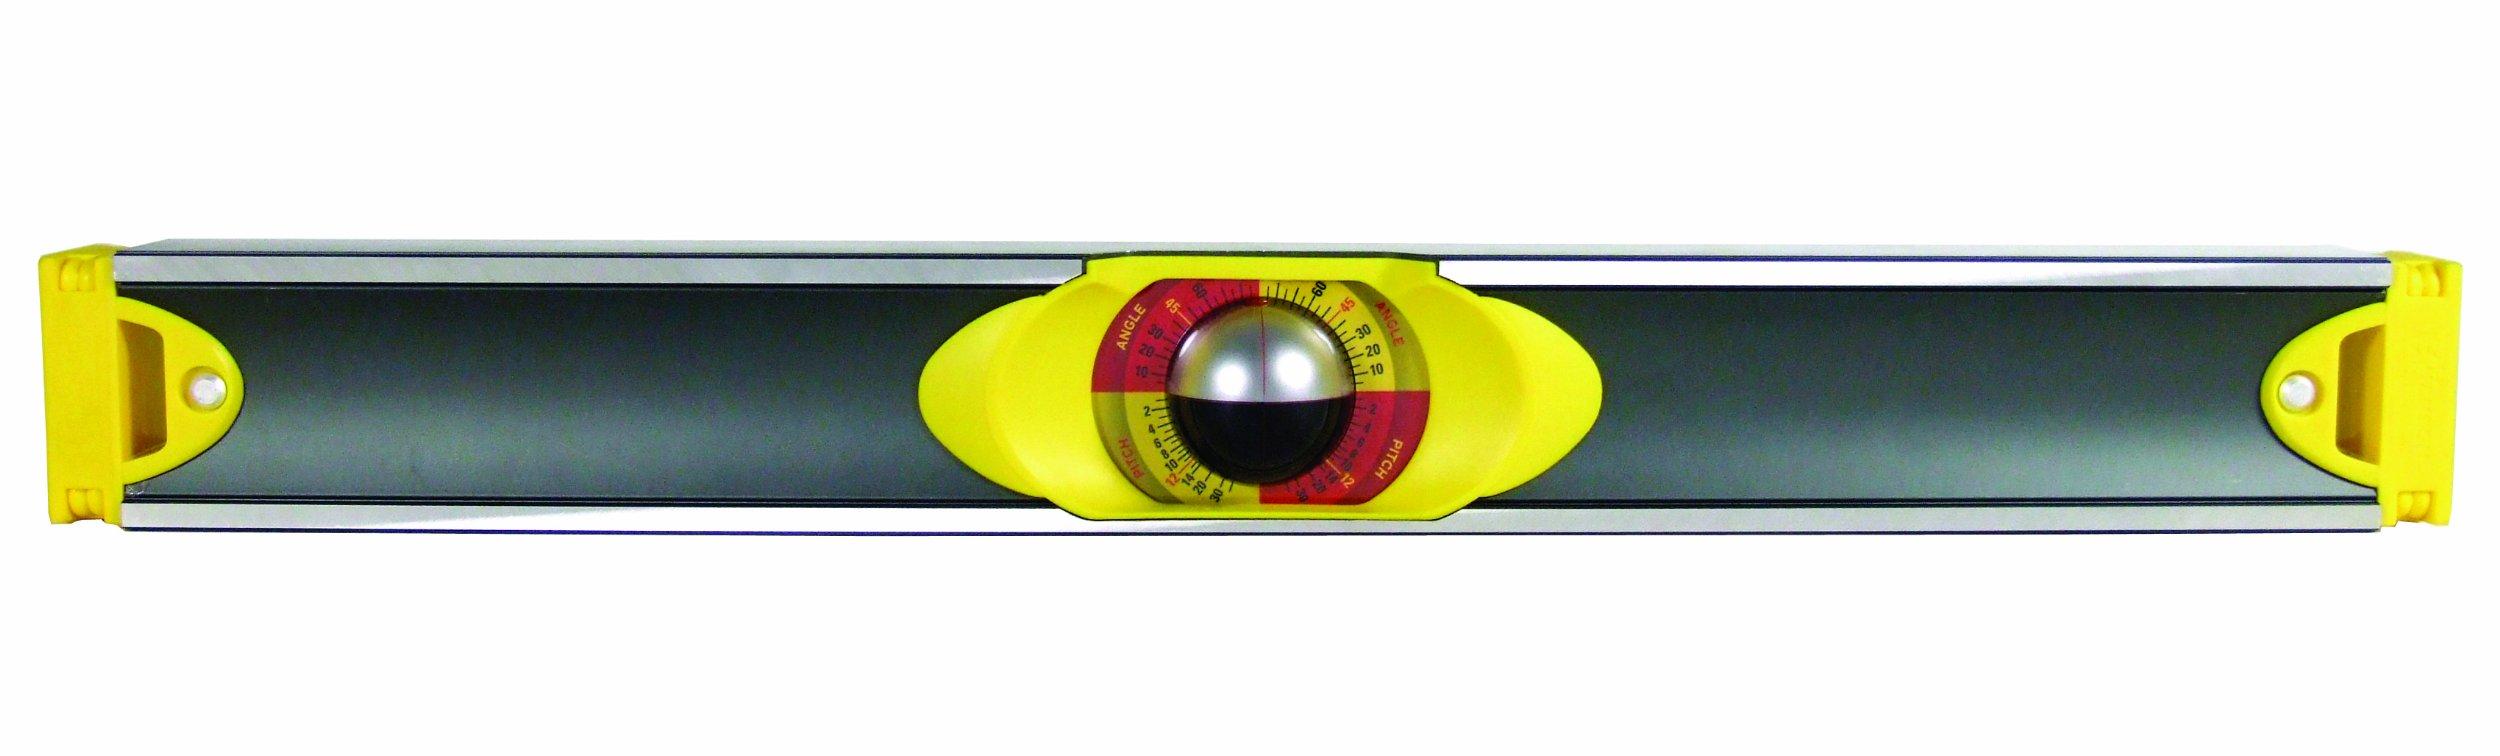 CH Hanson 50024 24-Inch Precision Ball Level